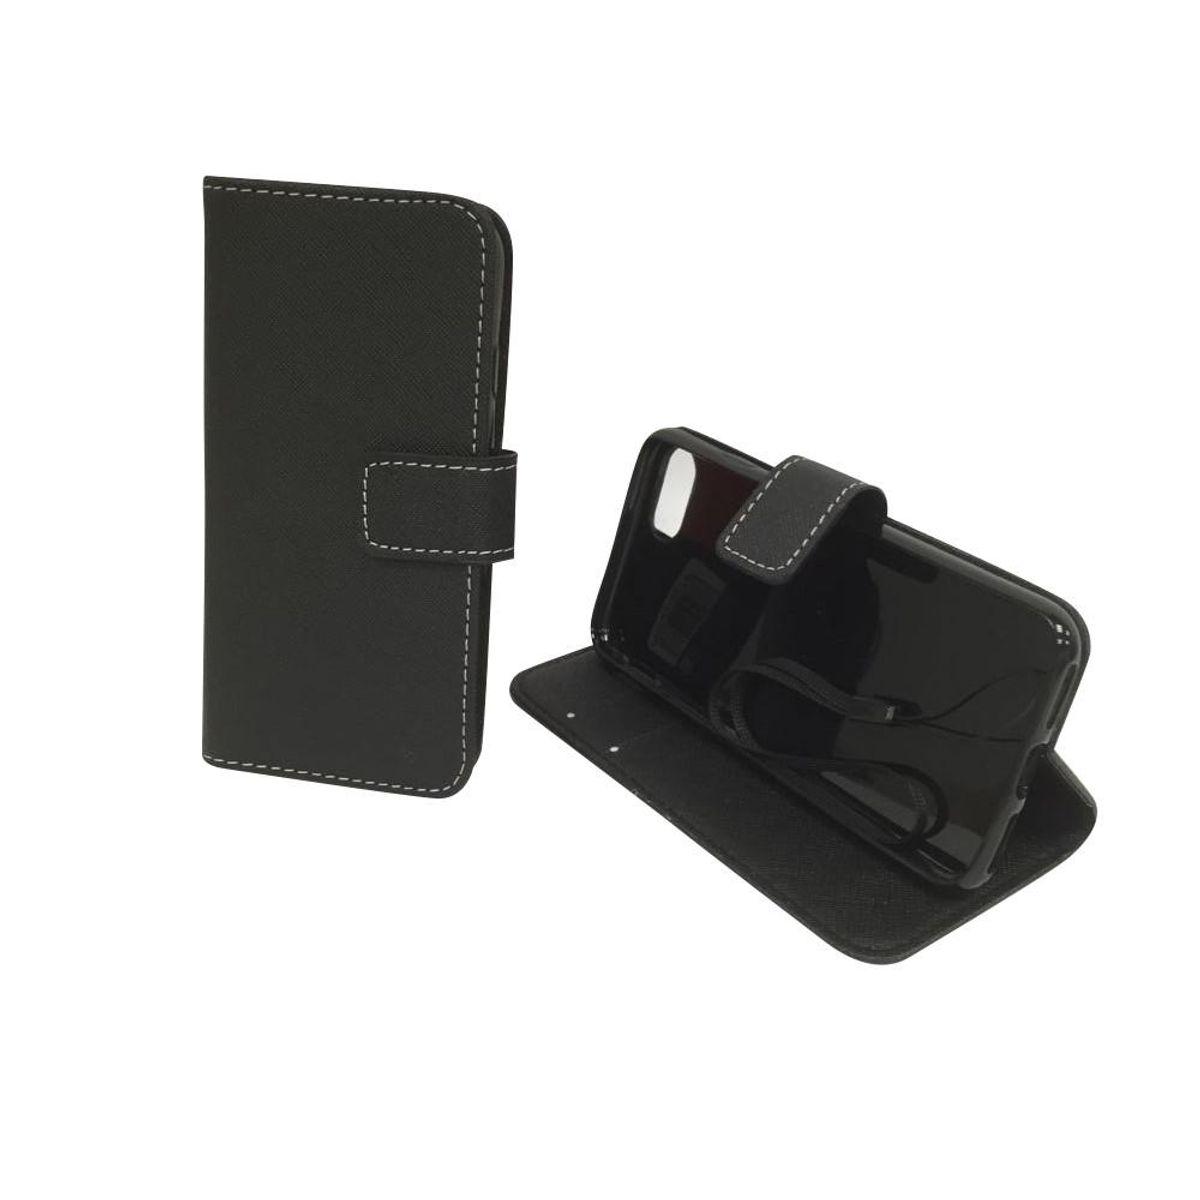 Handyhülle Tasche für Handy Apple iPhone 8 Schwarz